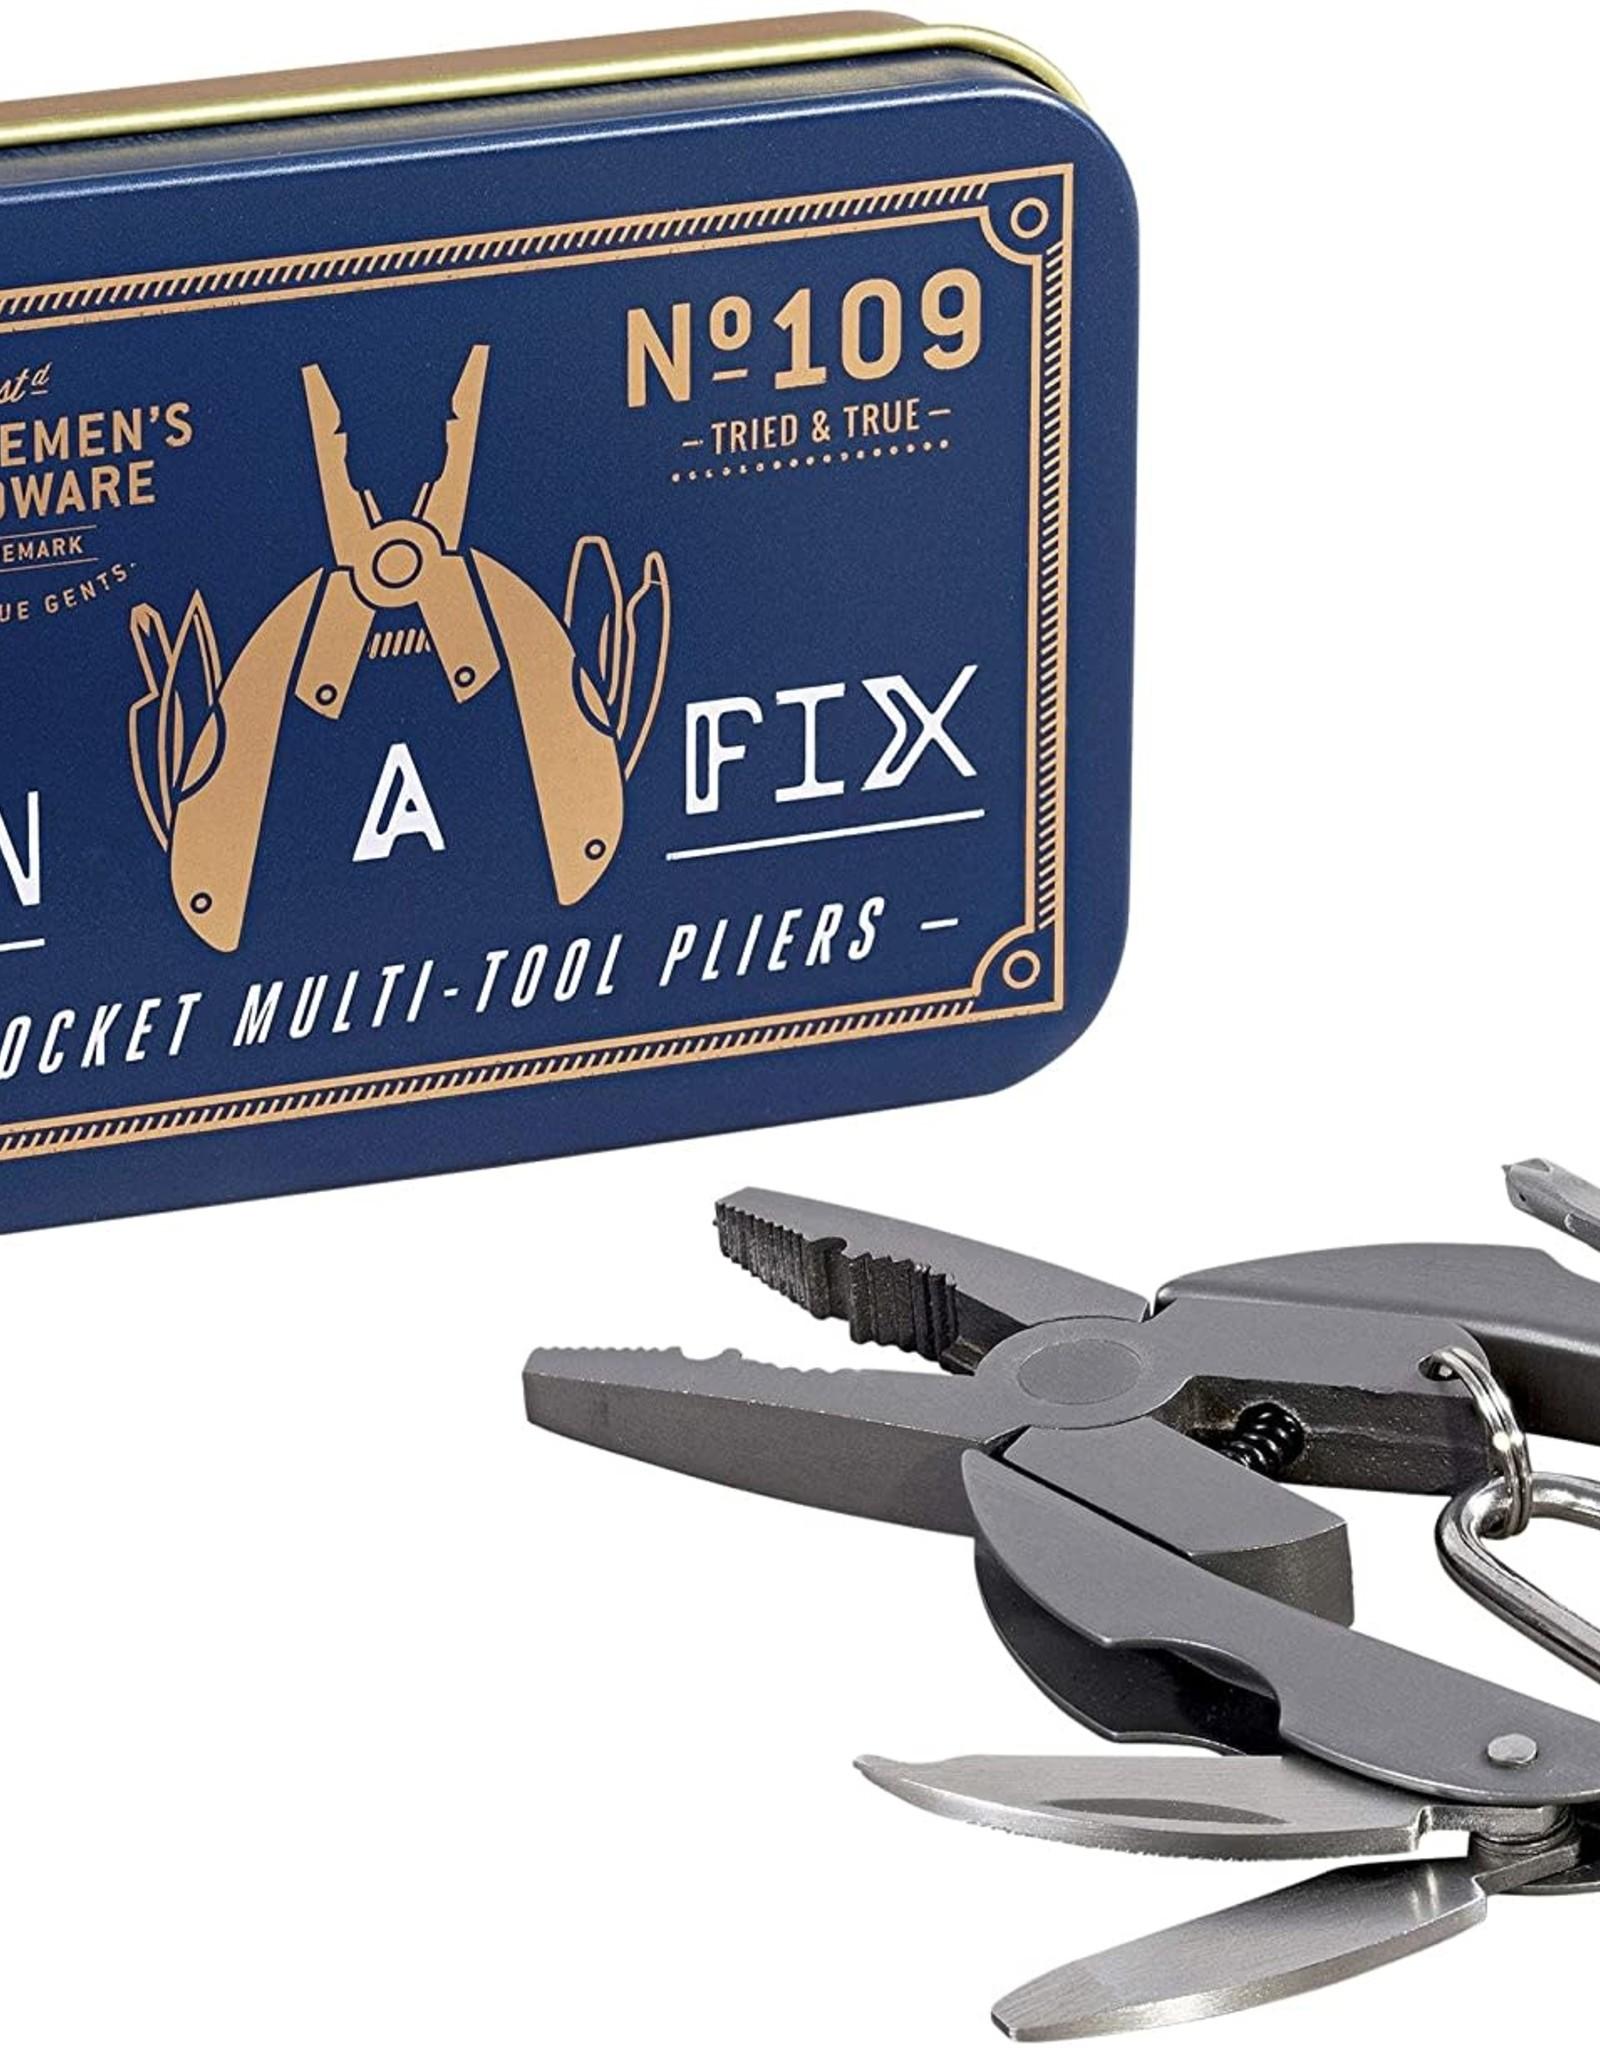 Wild & Wolf Inc Pocket Multi Tool Pliers